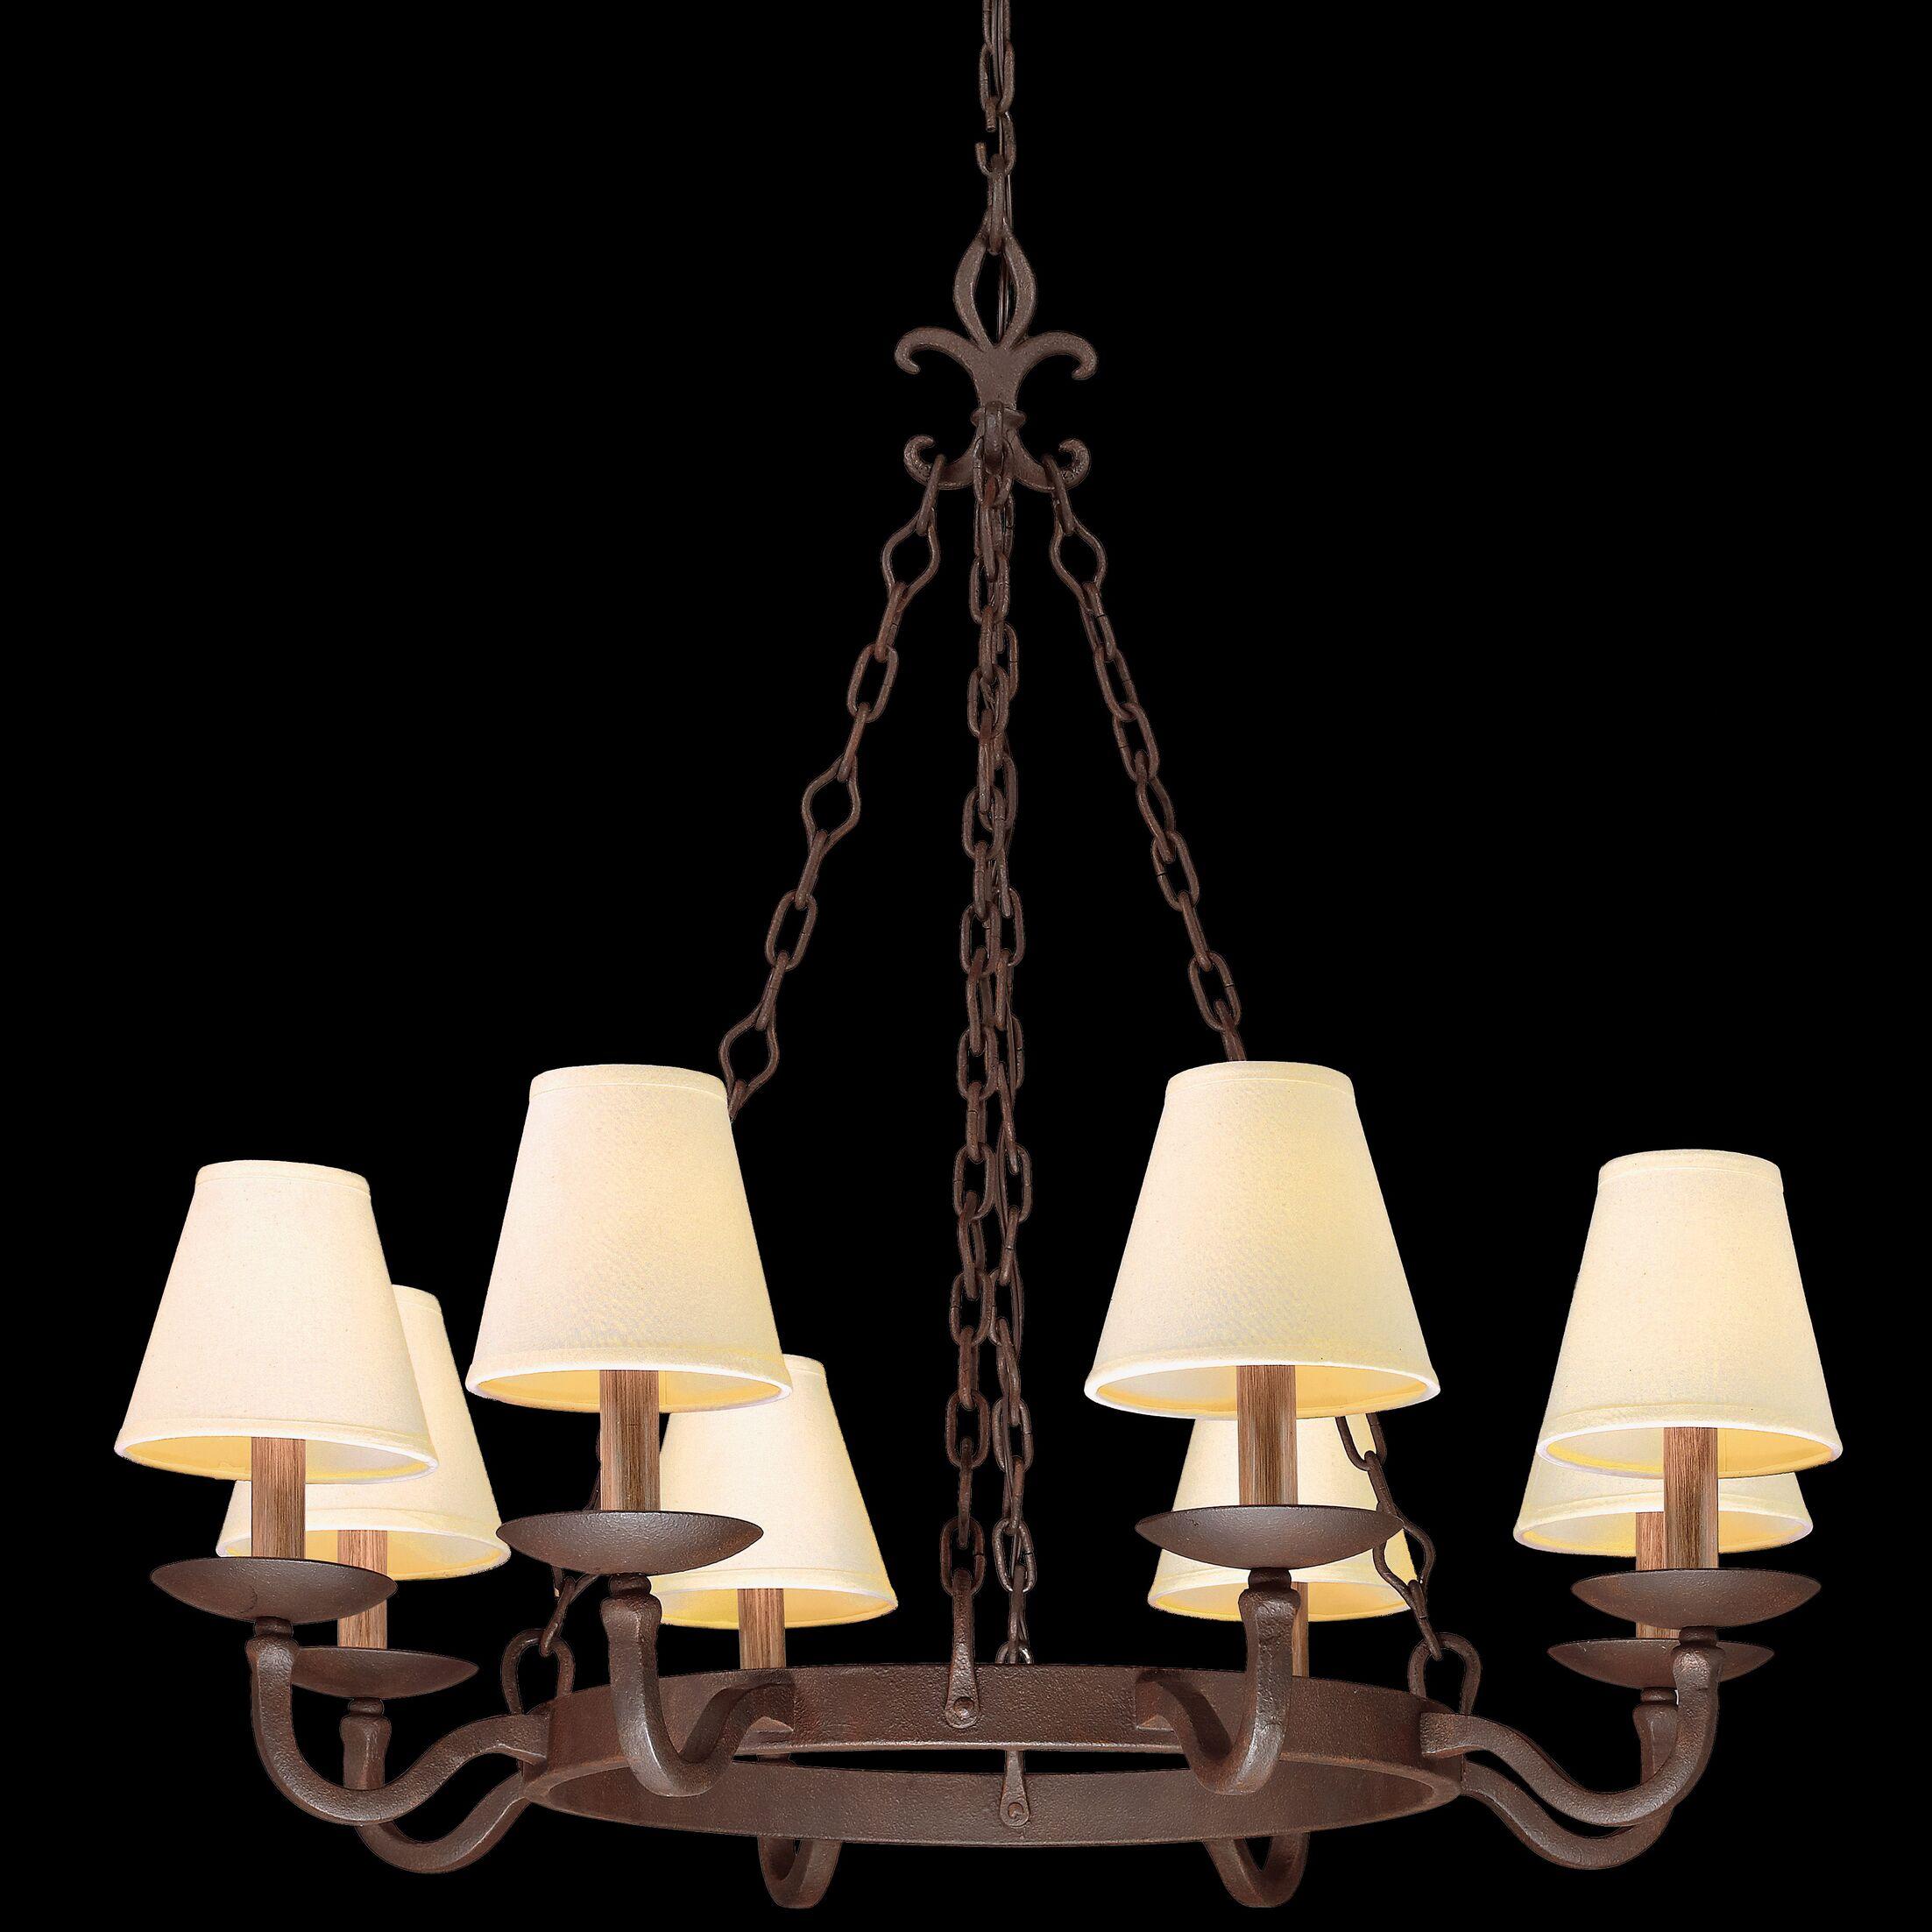 Coleg 8-Light Shaded Chandelier